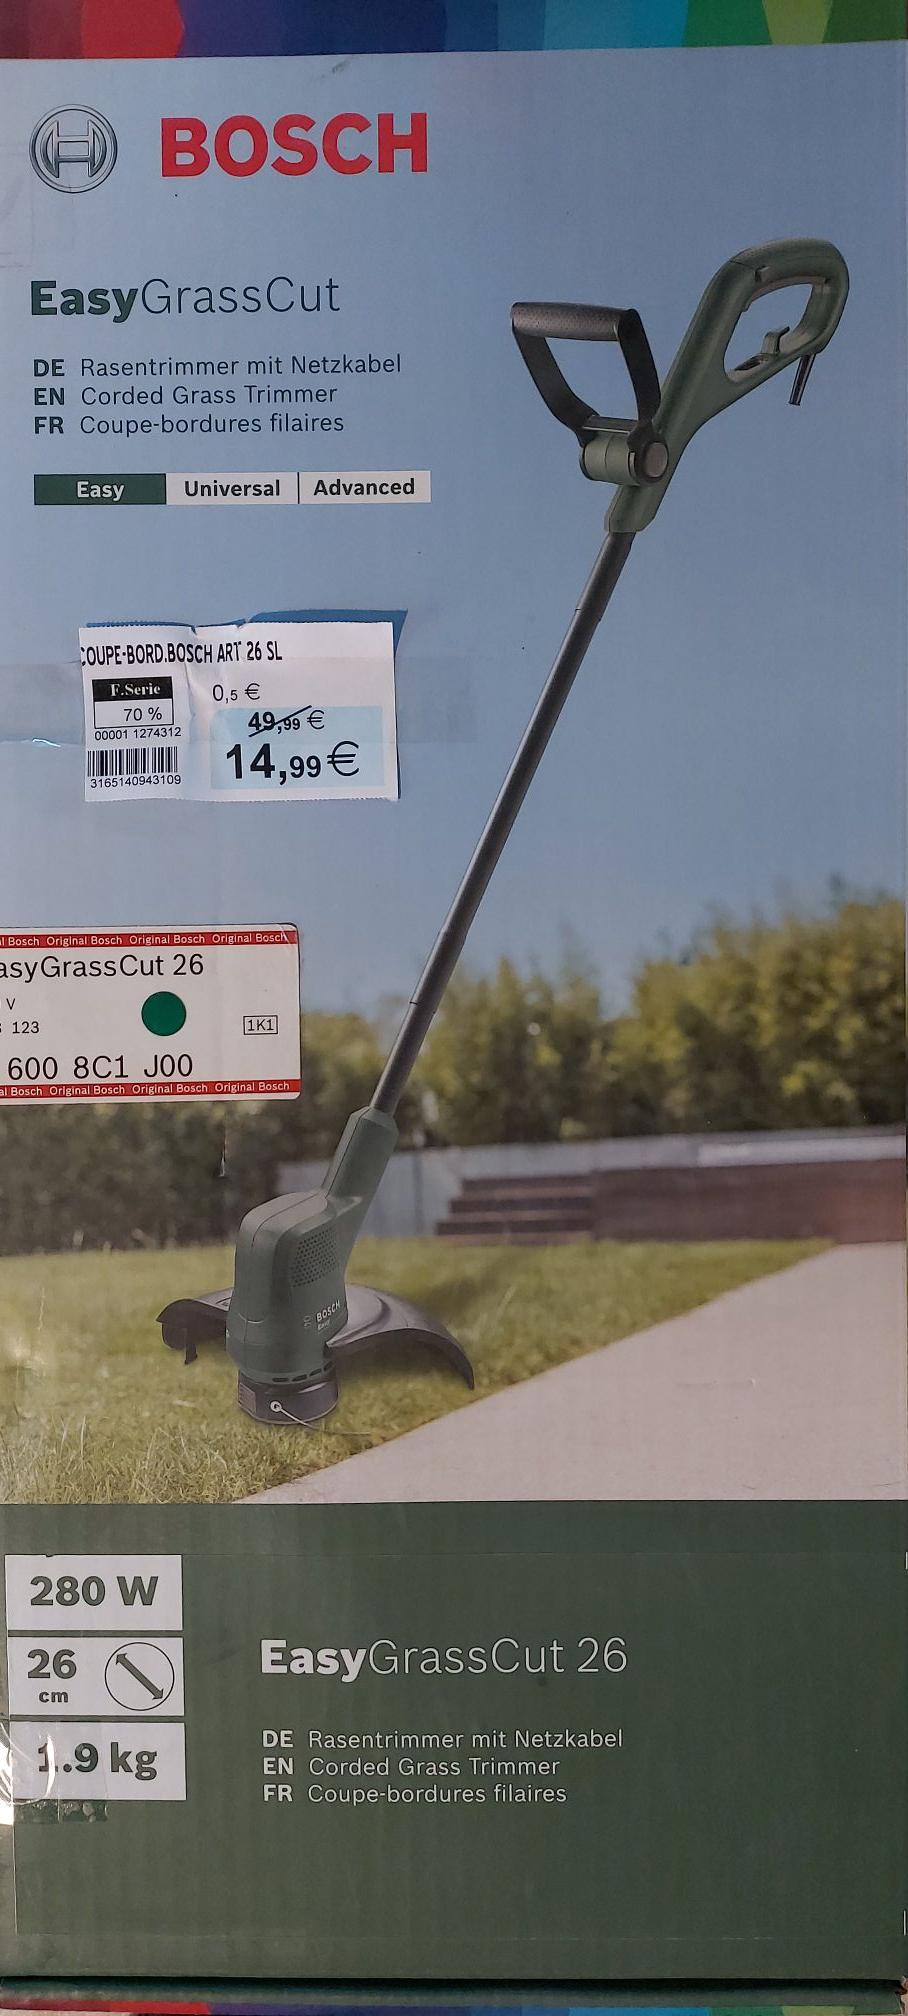 Coupe-bordures filaire Bosch EasyGrassCut 26 (26 cm, 280 W) - Pruniers-en-Sologne (41)